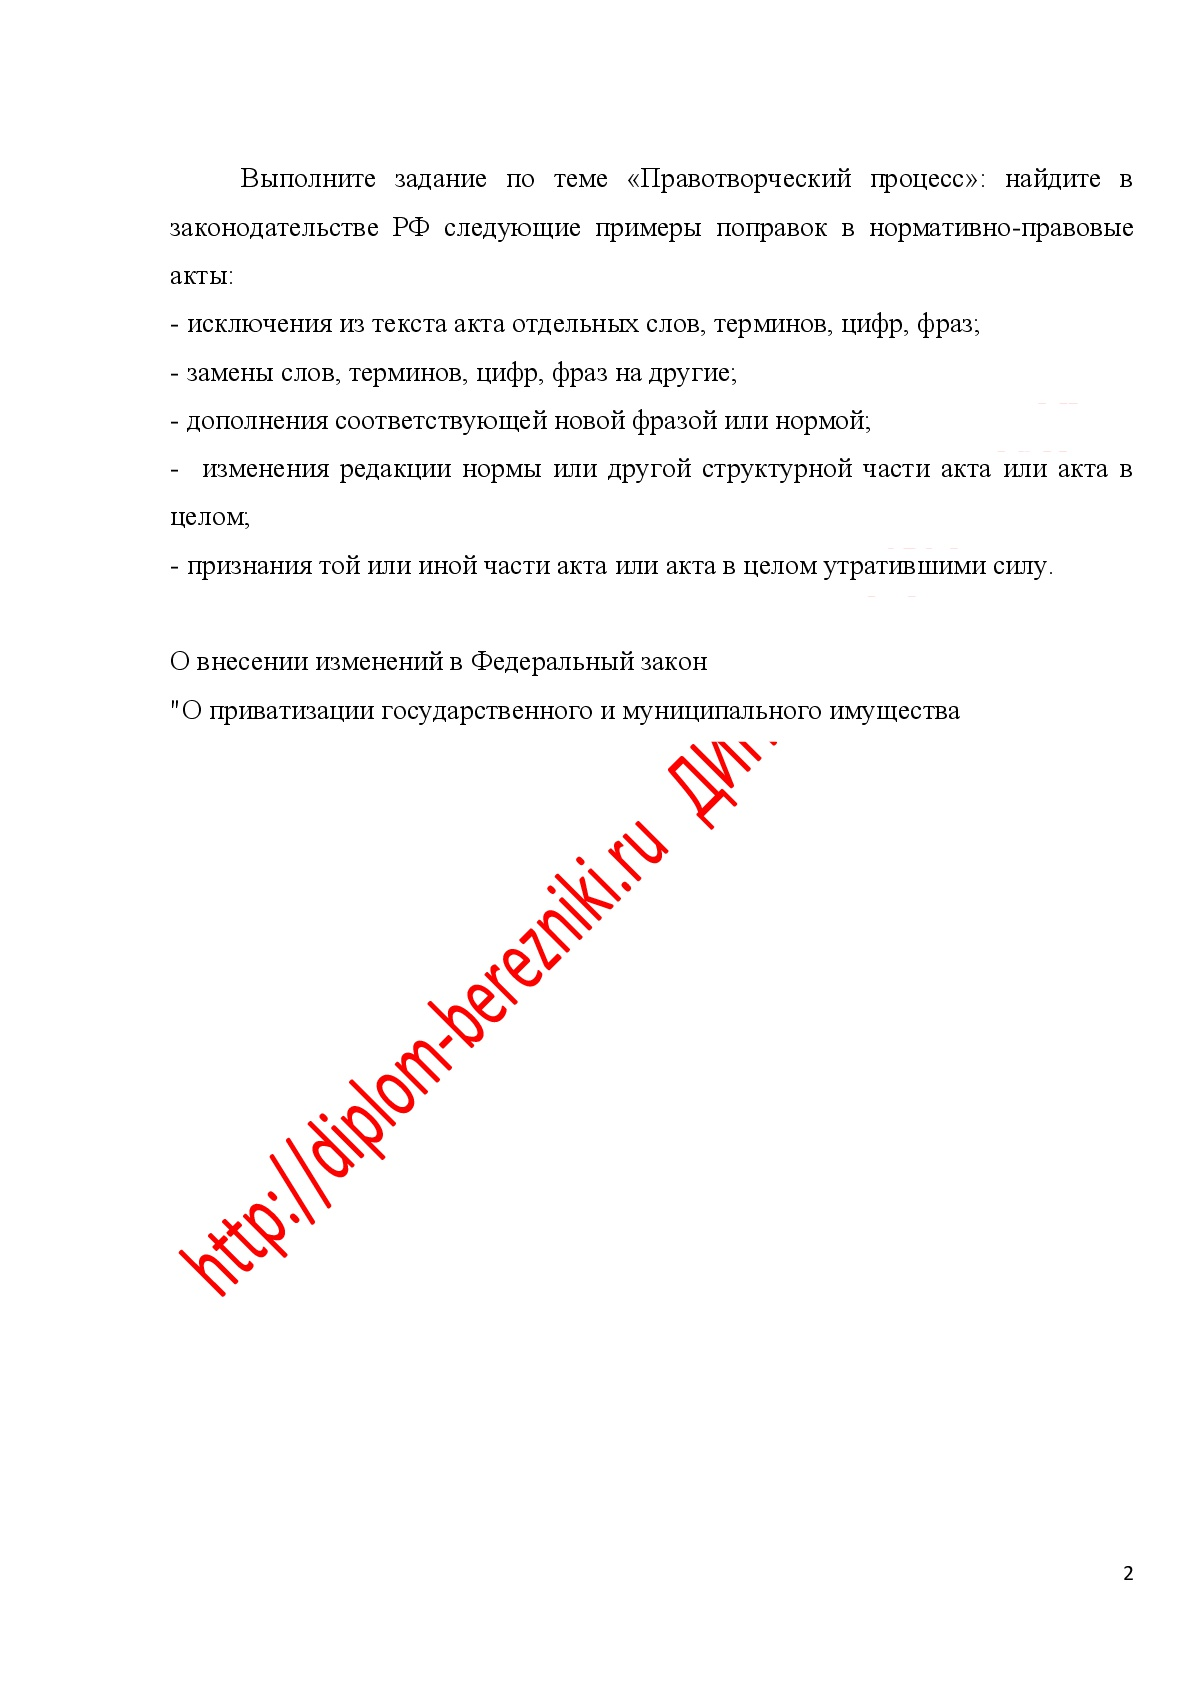 Выполните задание по теме Правотворческий процесс найдите в законодательстве РФ следующие примеры поправок в нормативно-правовые акты